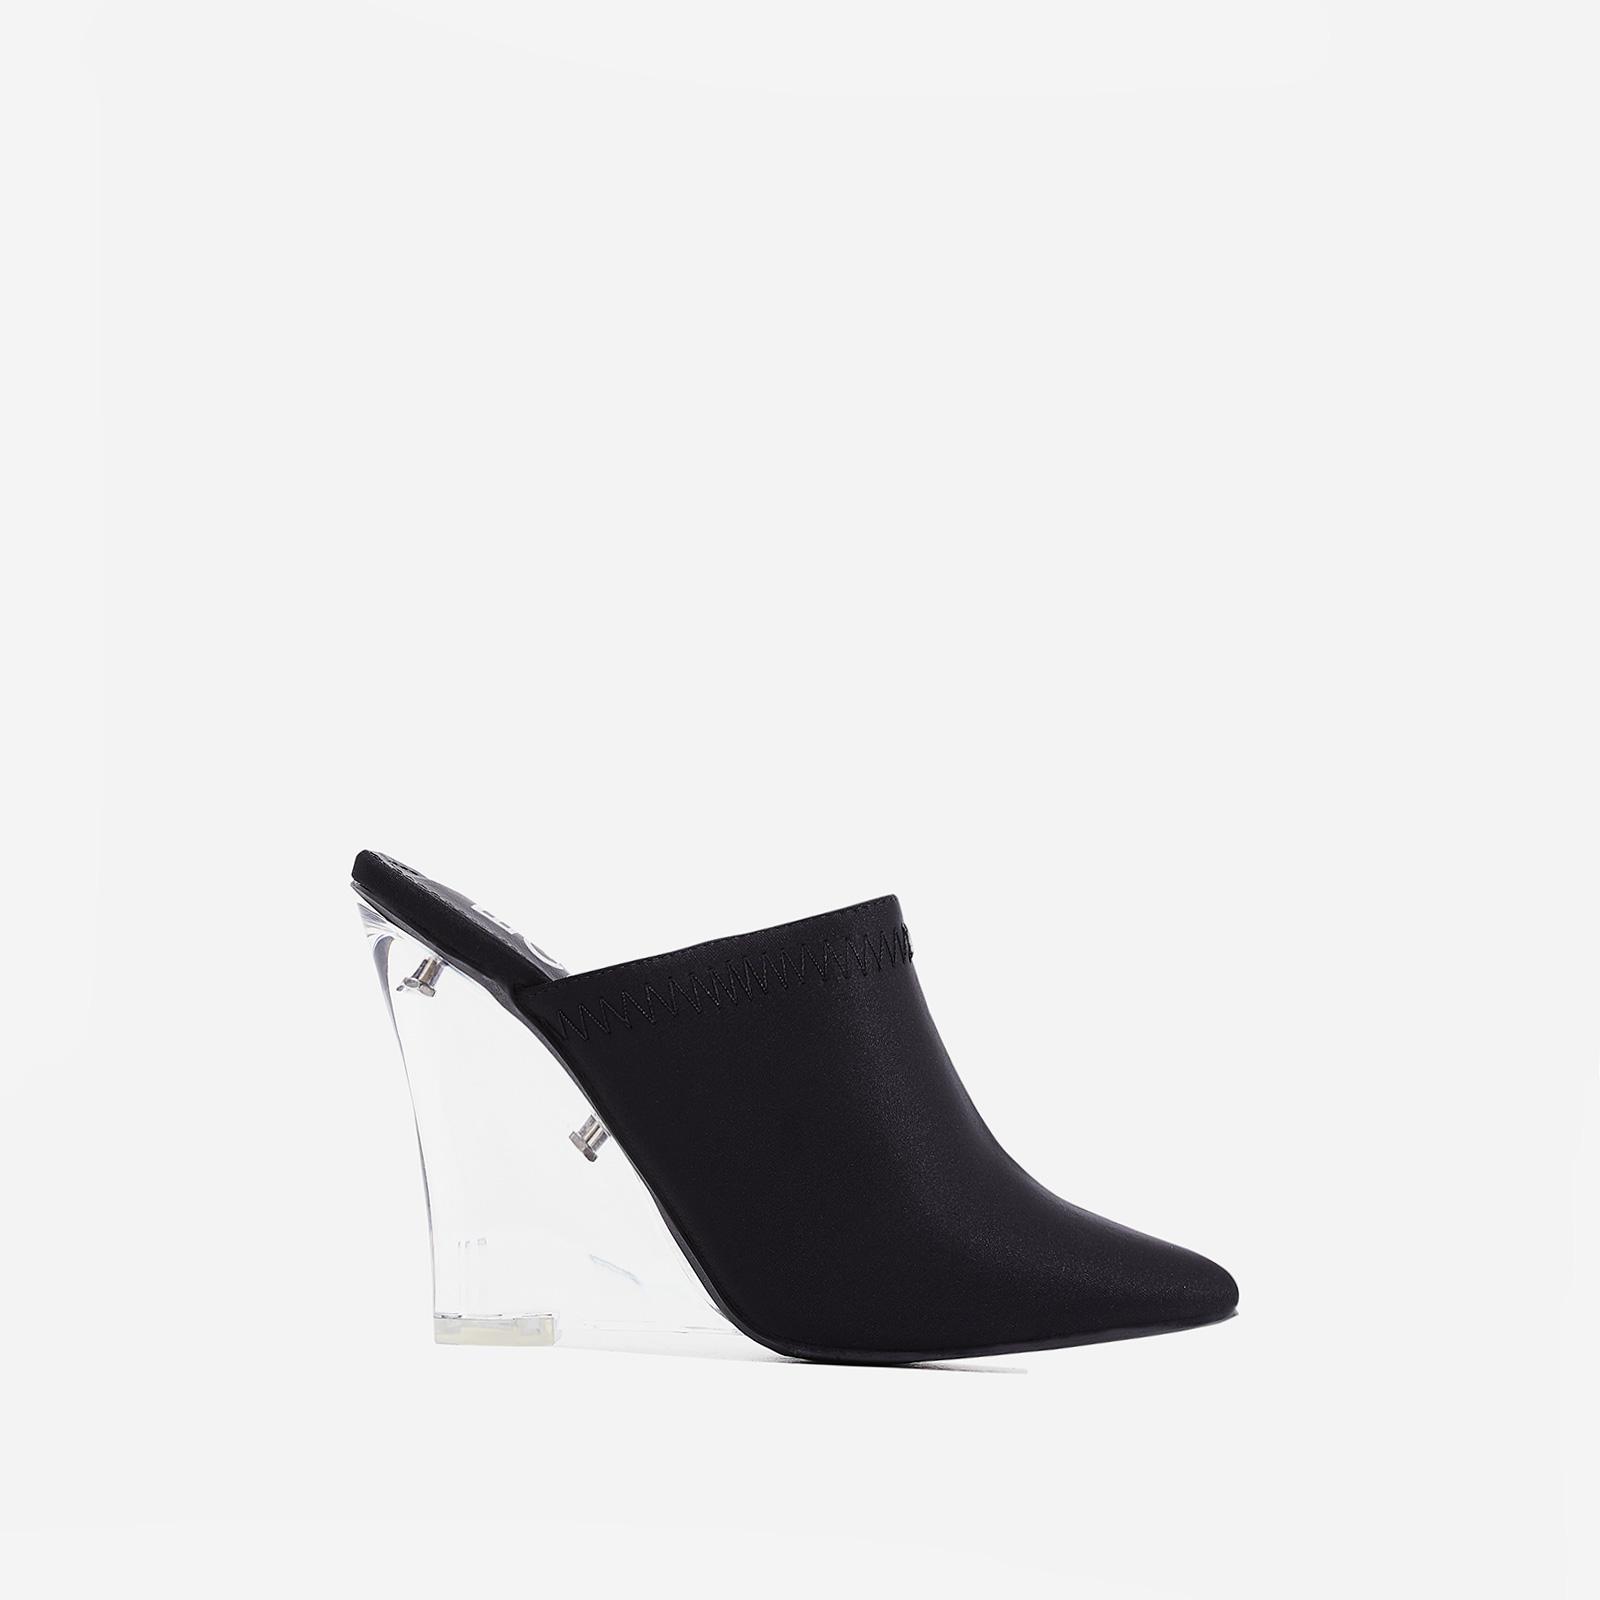 Dear Perspex Wedge Heel Mule In Black Lycra